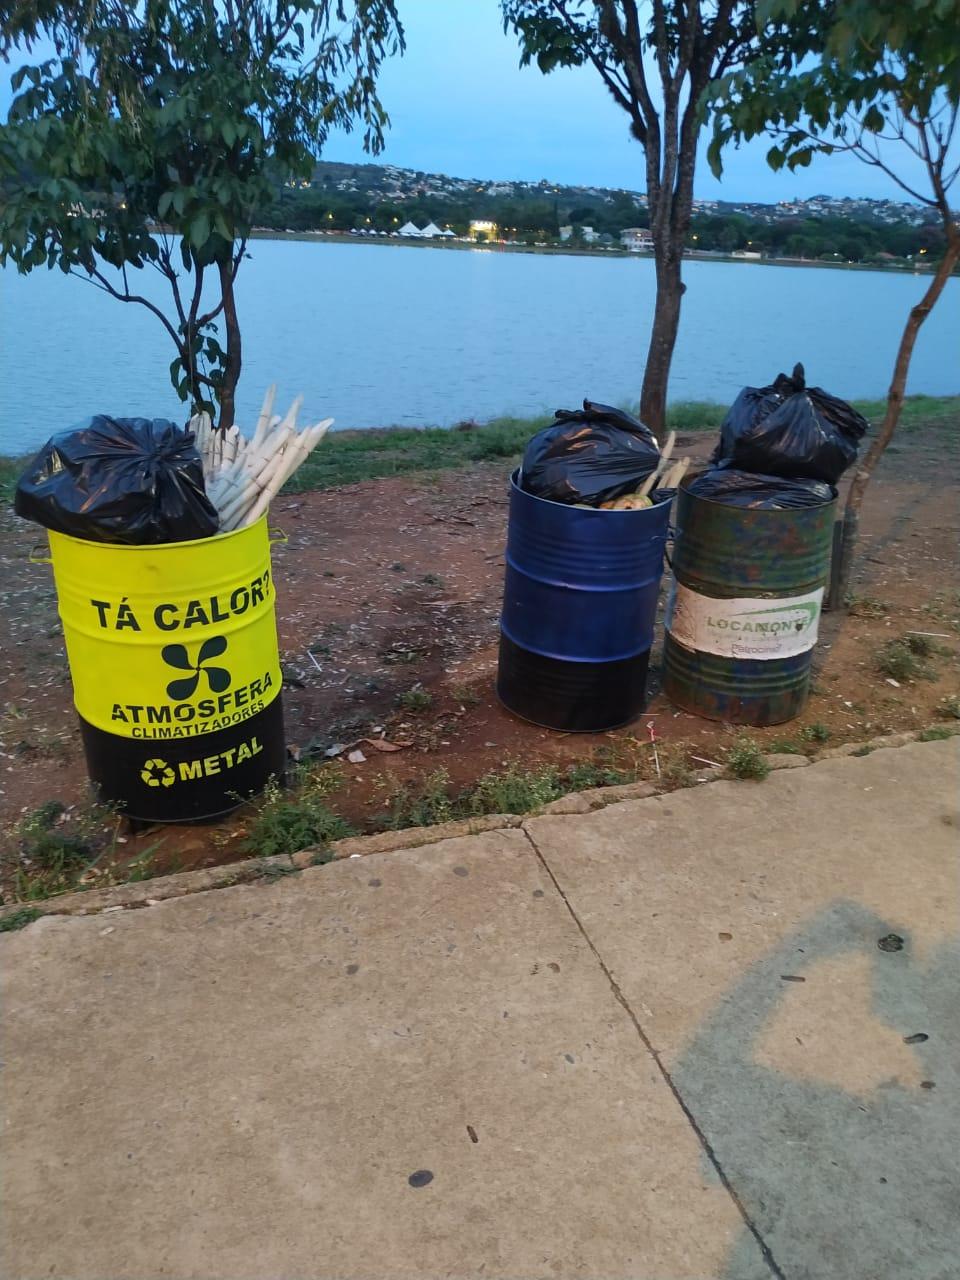 Lagoa Arte Santa prova que não é culpada pelo lixo espalhado na Lagoa